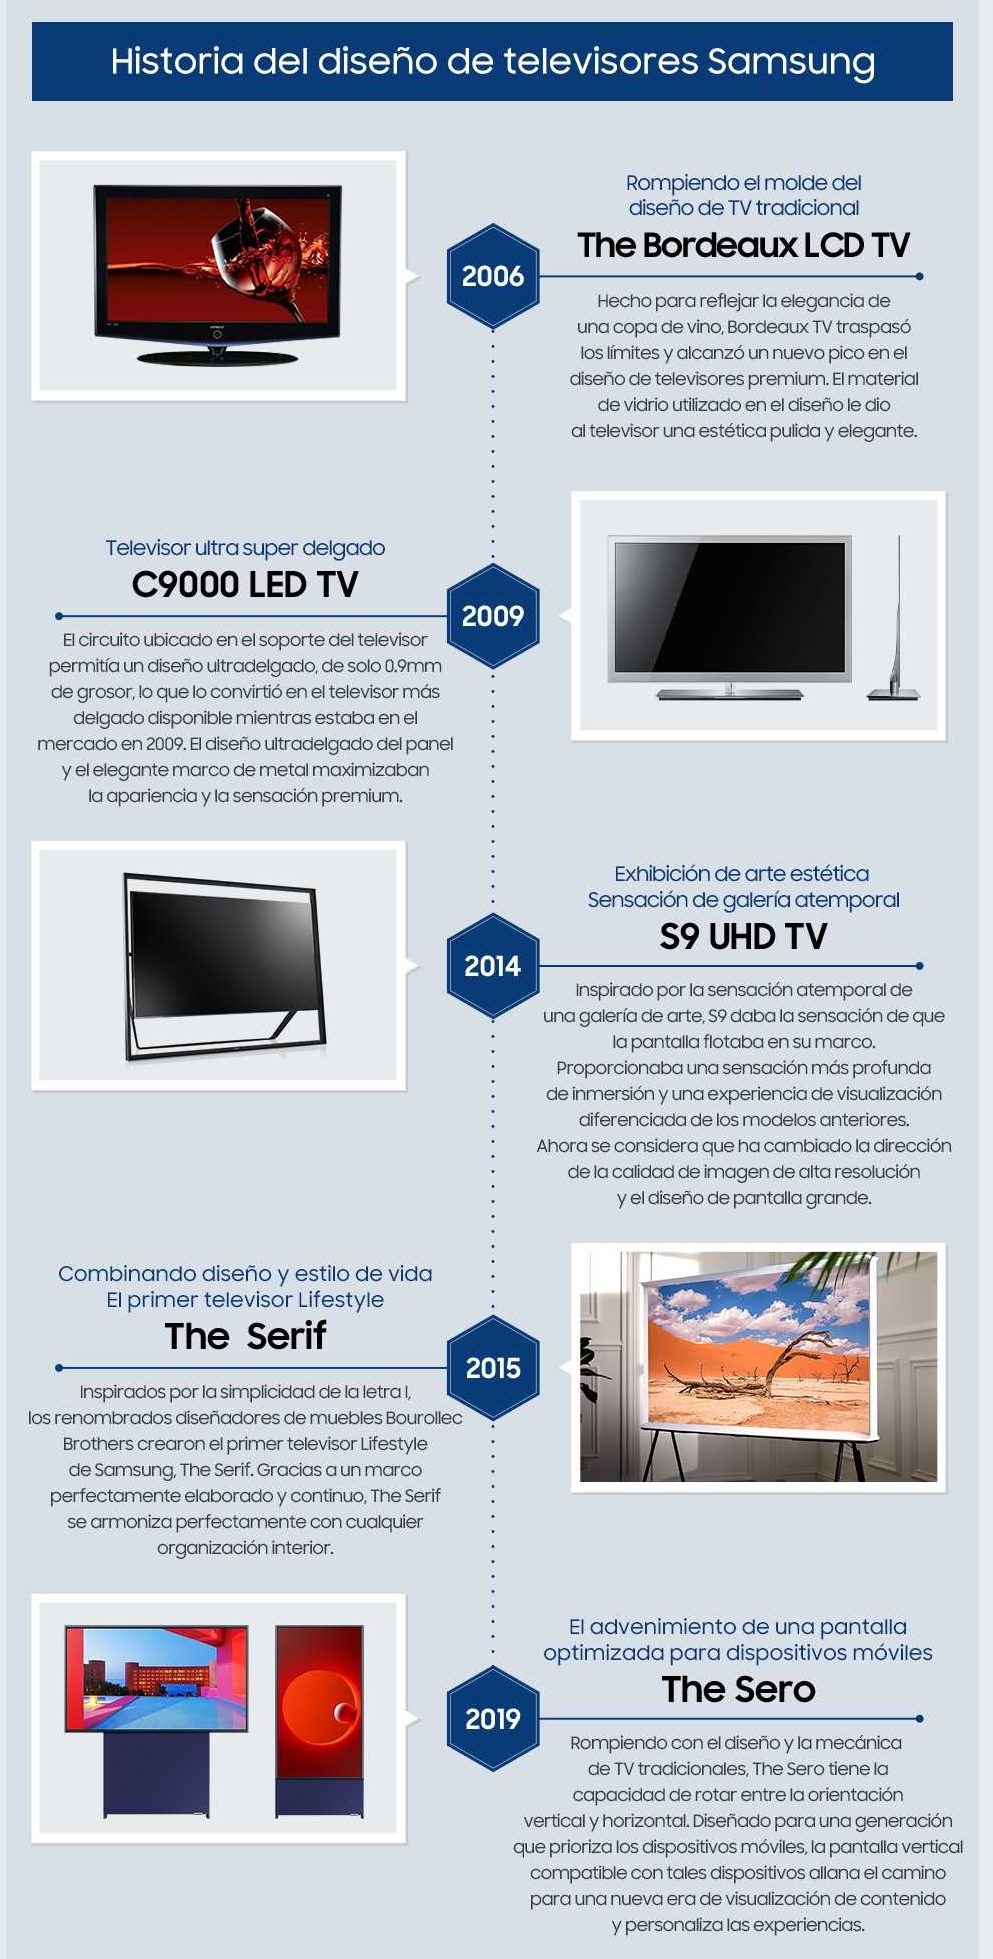 Historia del diseño de los televisores Samsung - Infografía